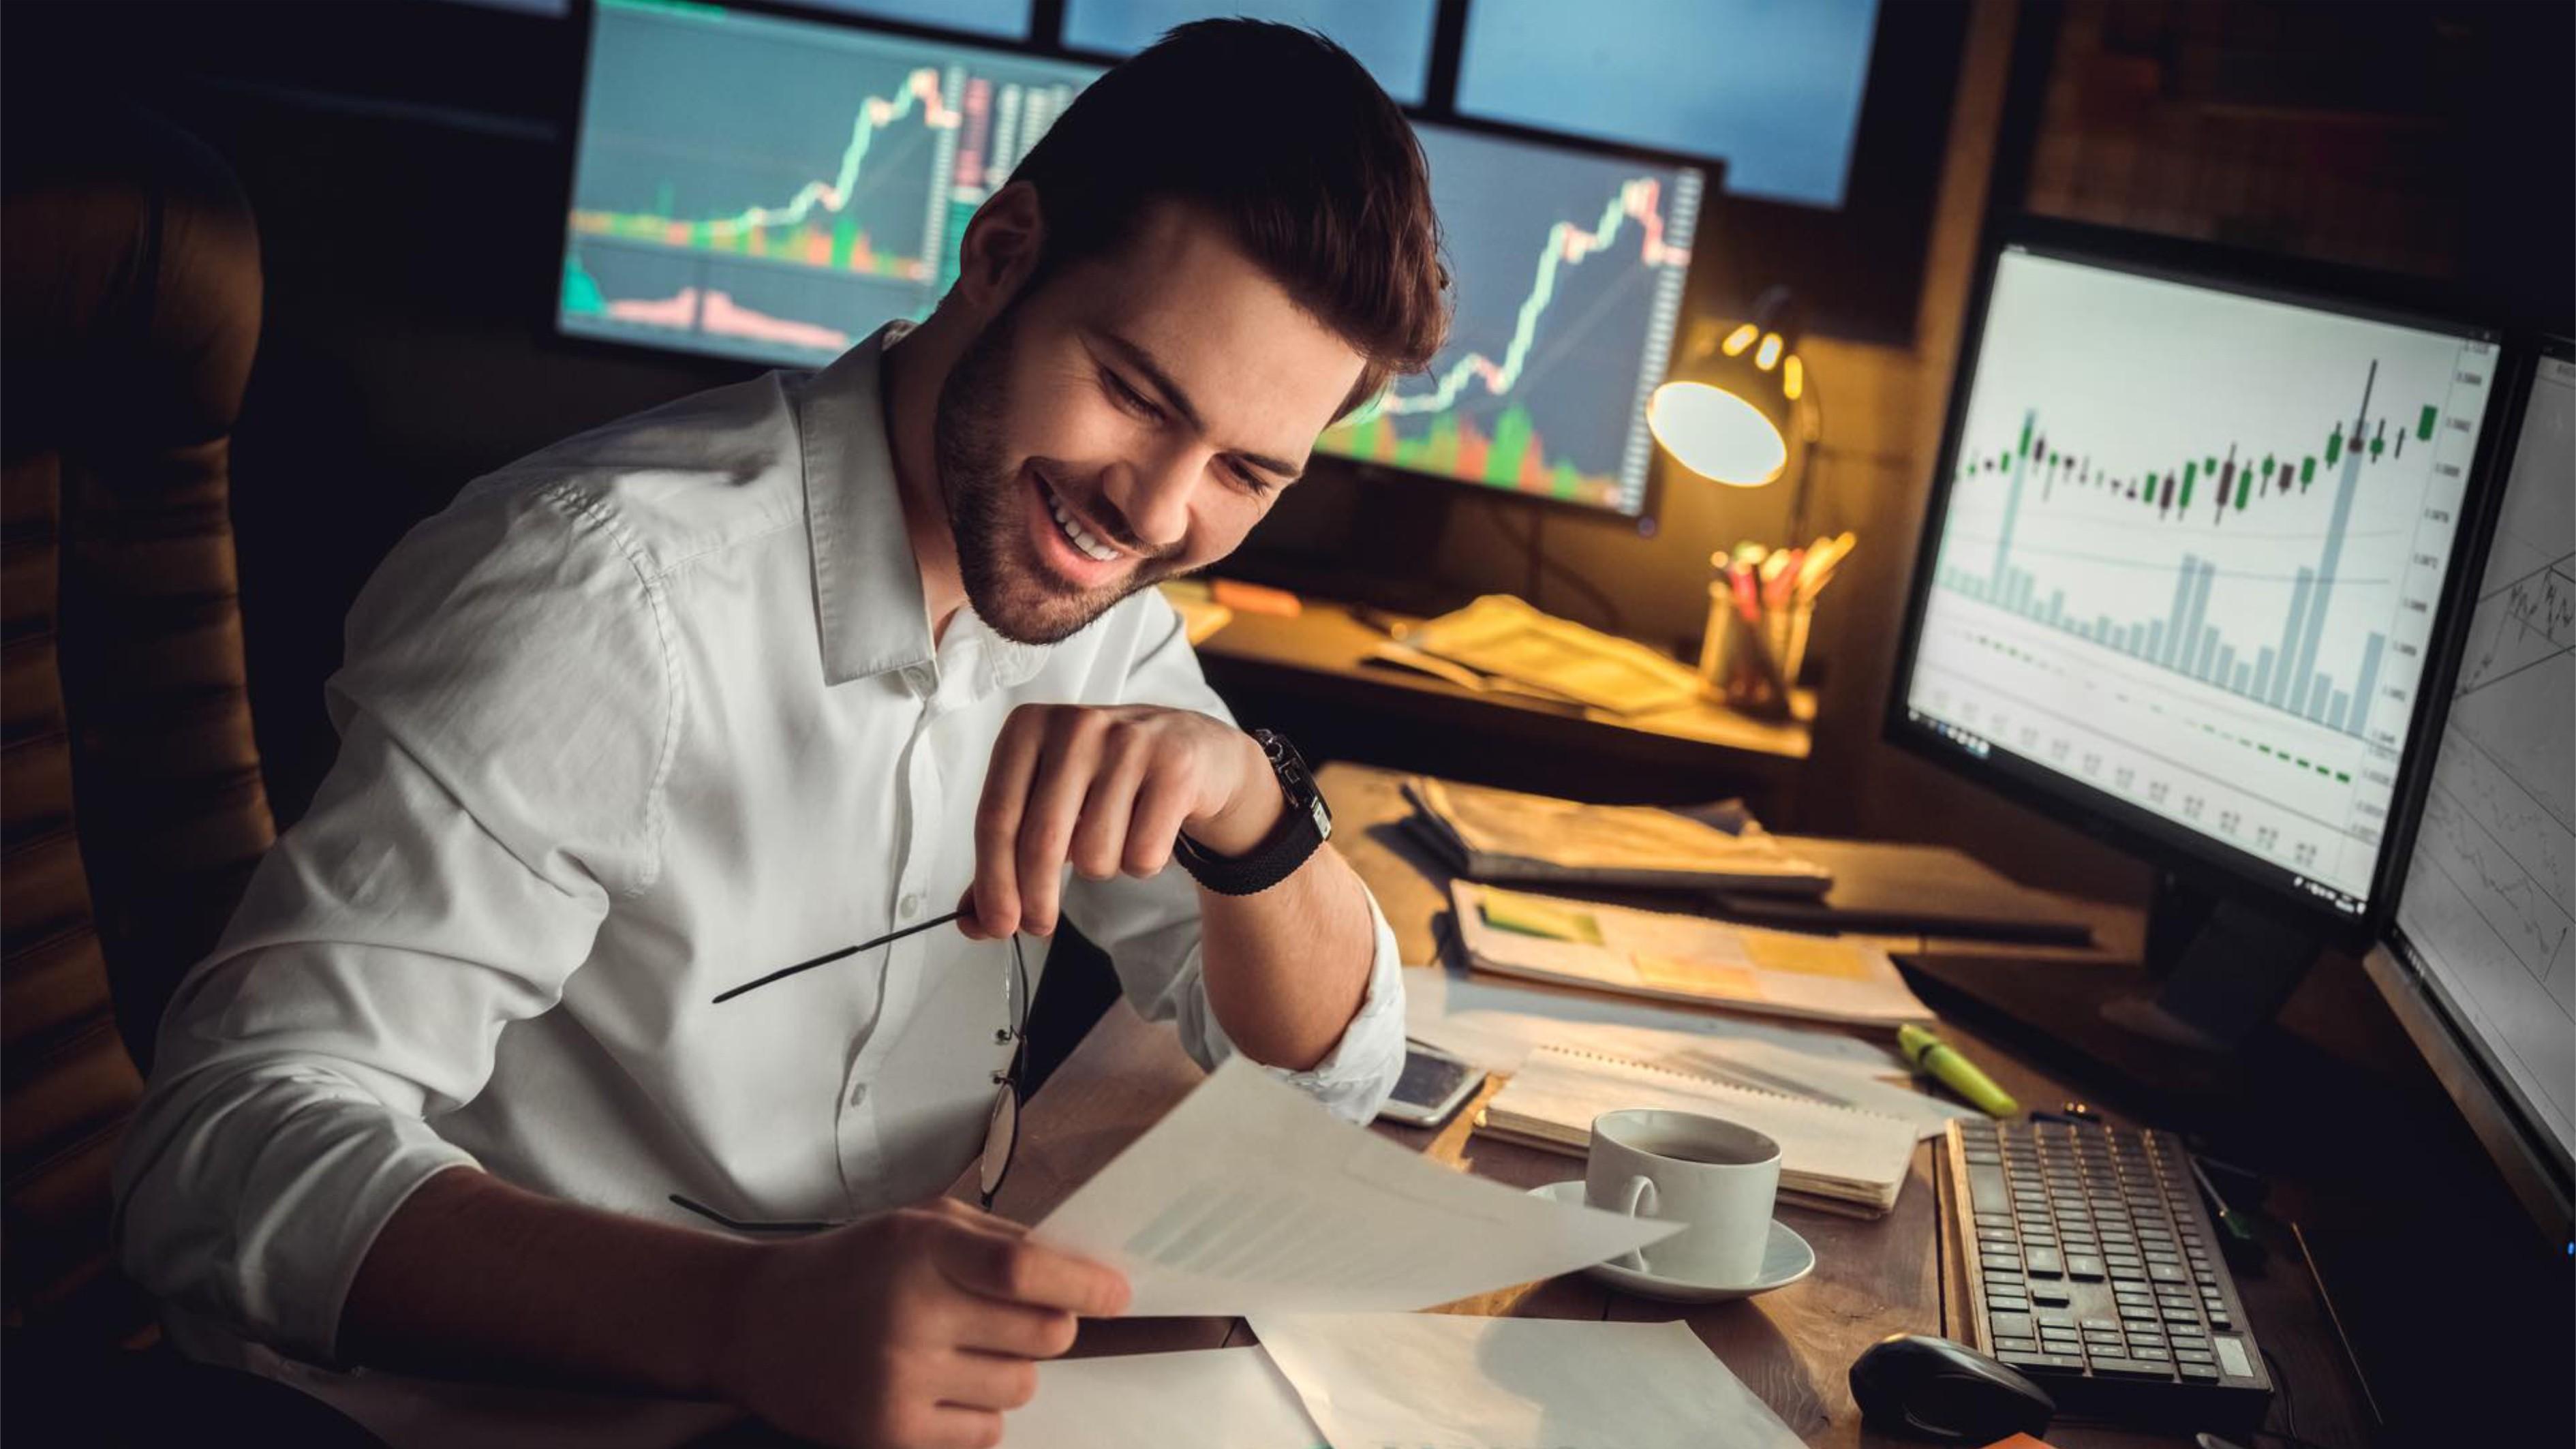 Entenda como investir seu dinheiro de forma simples e segura